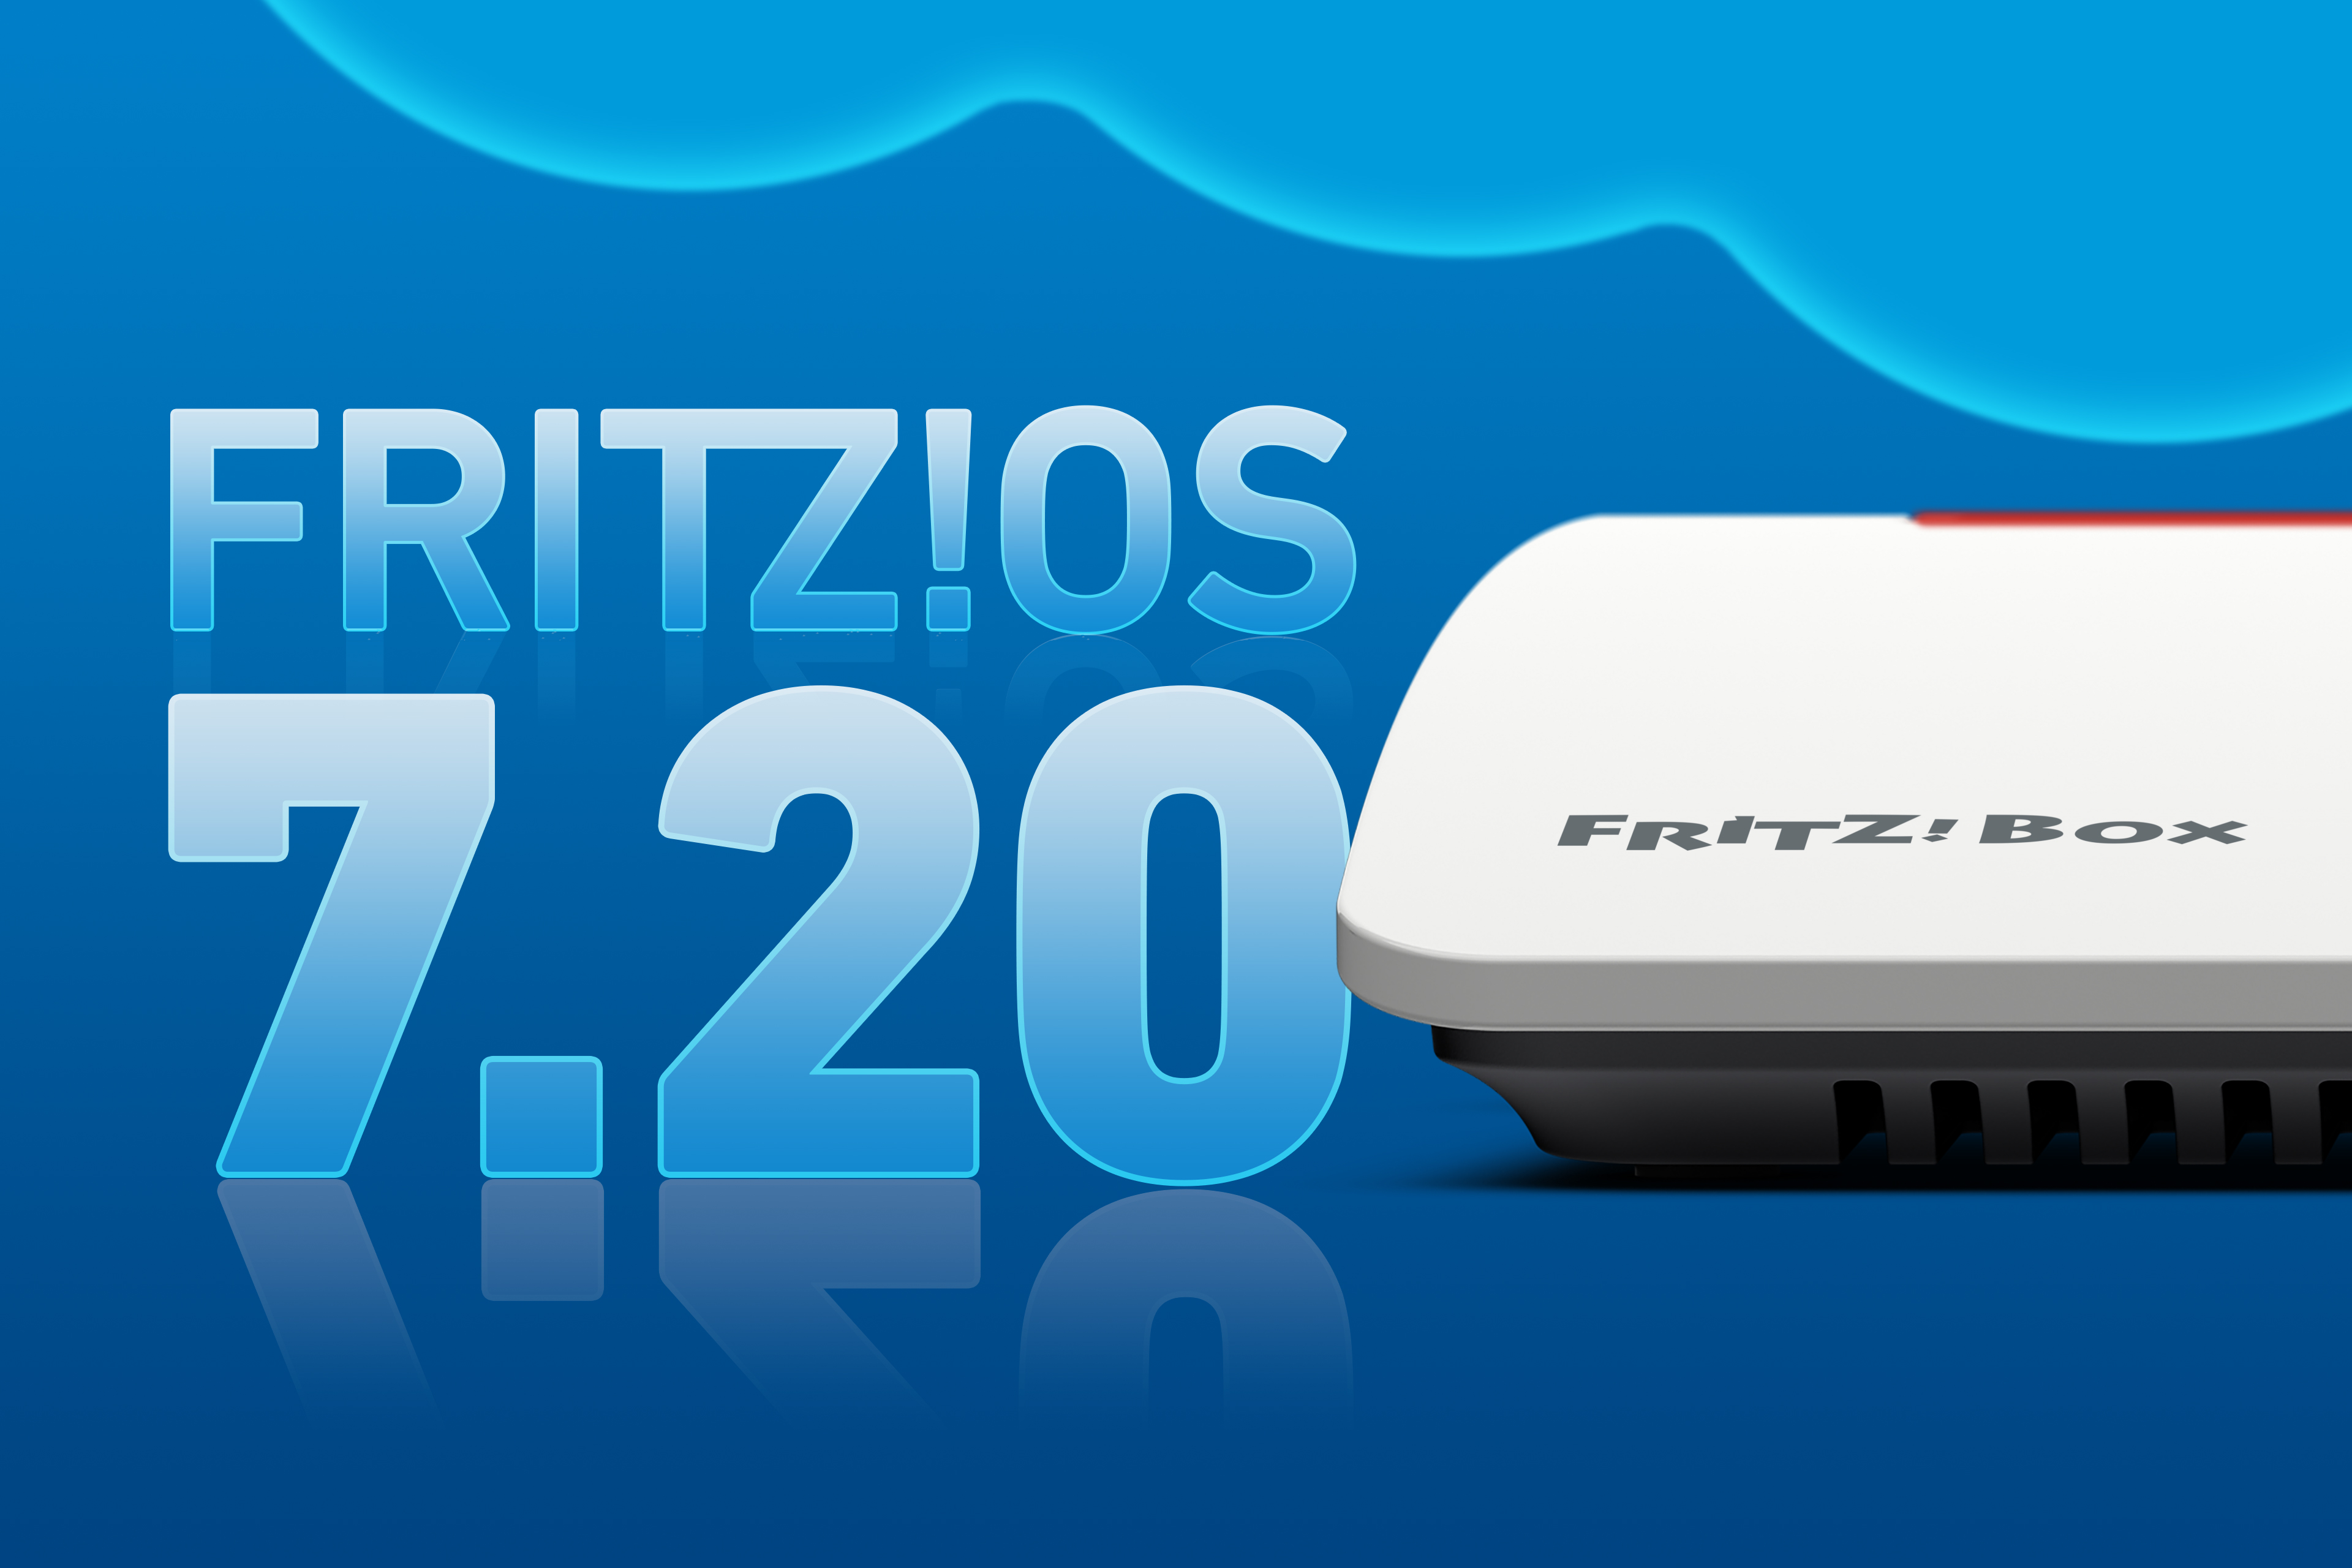 Das aktuelle FRITZOS 20.20 wird für die nächste FRITZBox ...